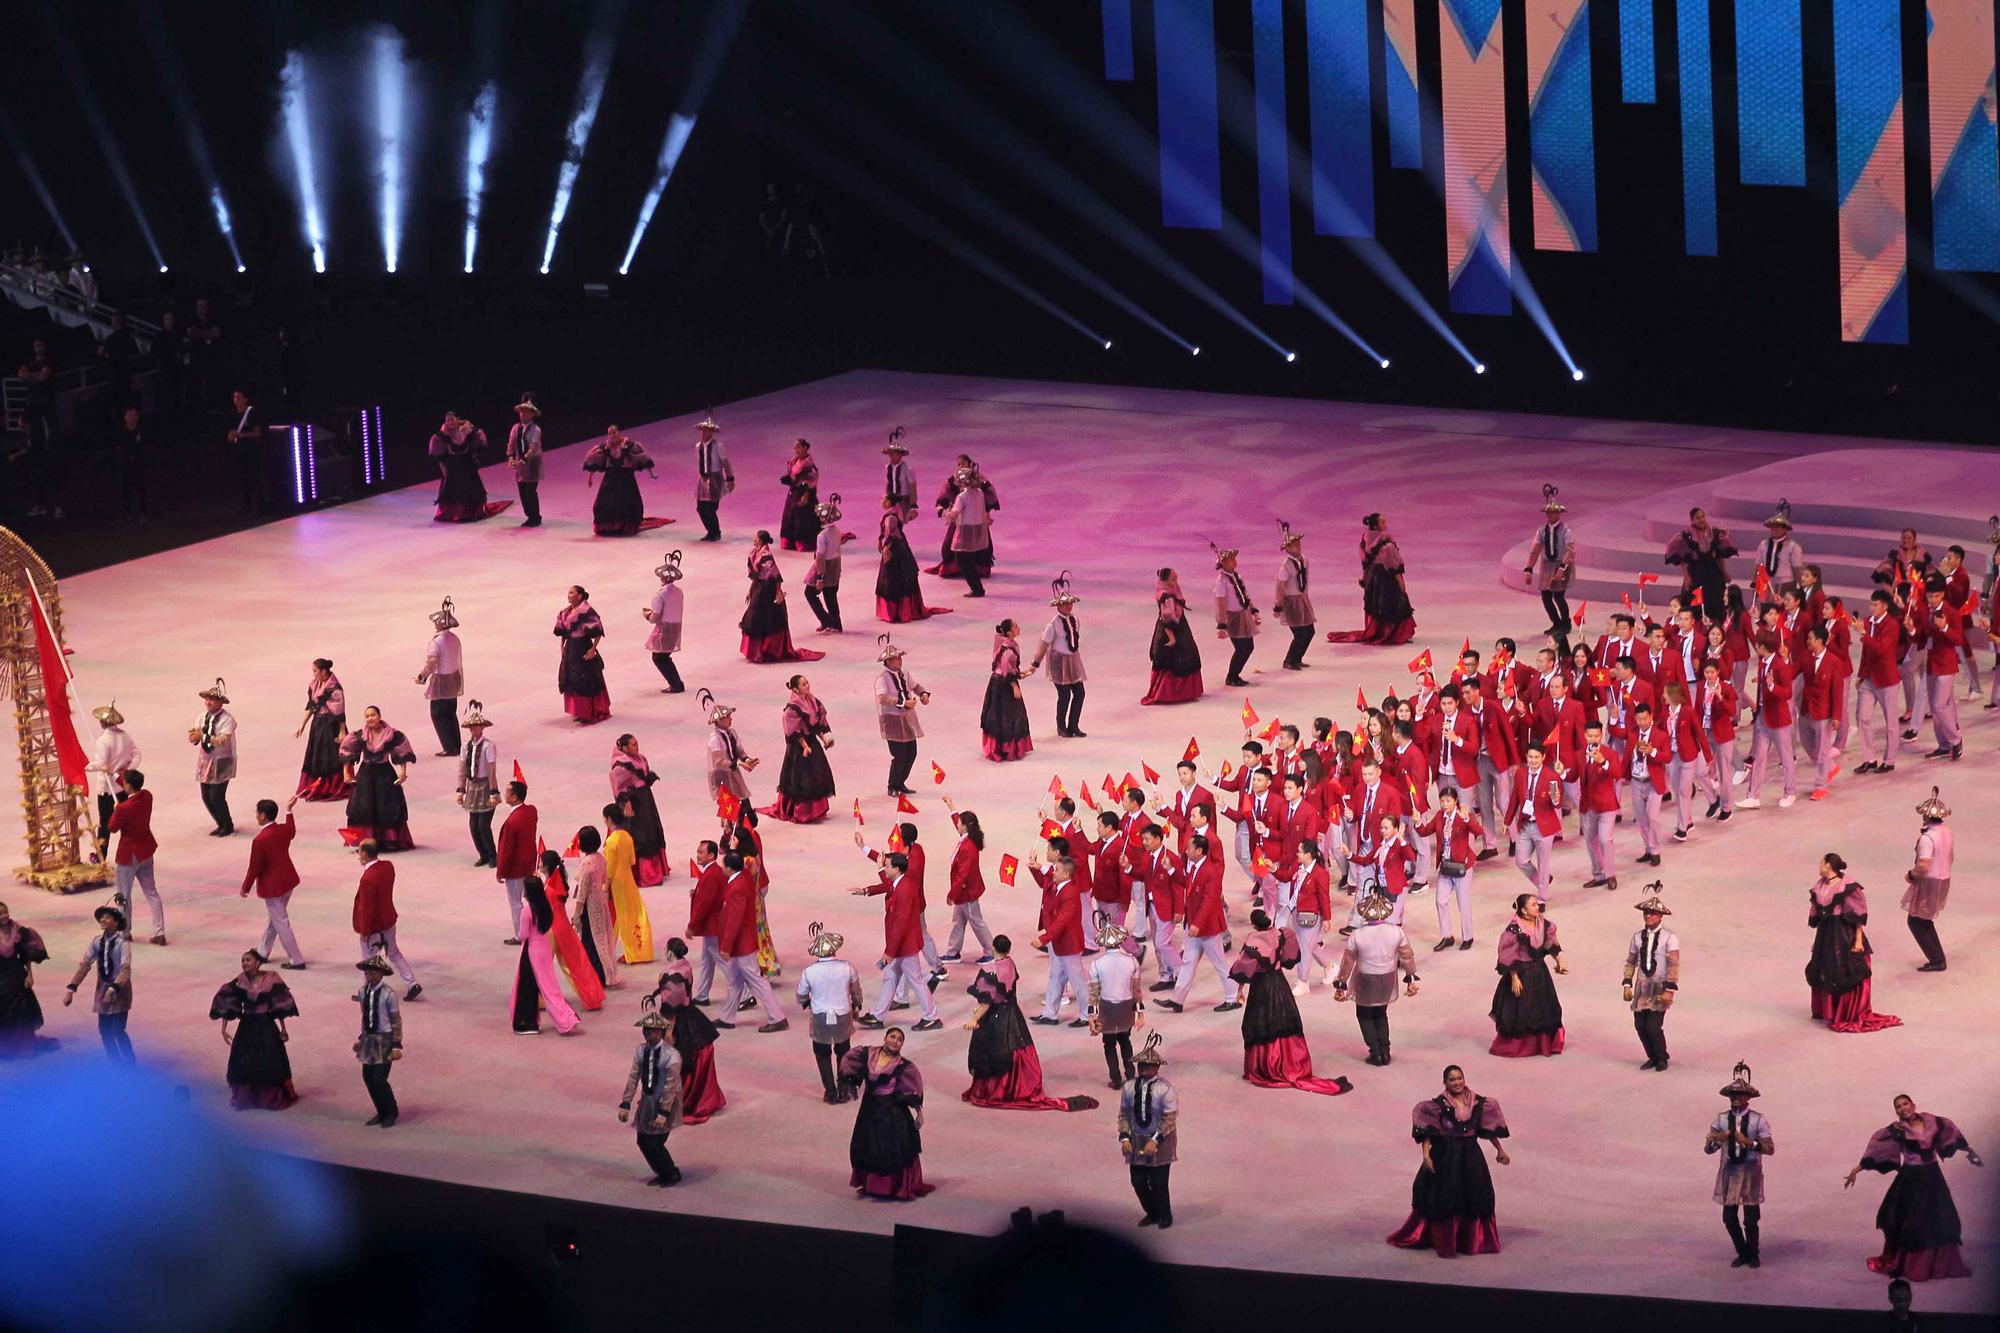 Nhiều quốc gia đồng thuận phương án lùi SEA Games sang năm 2022 - Ảnh 1.